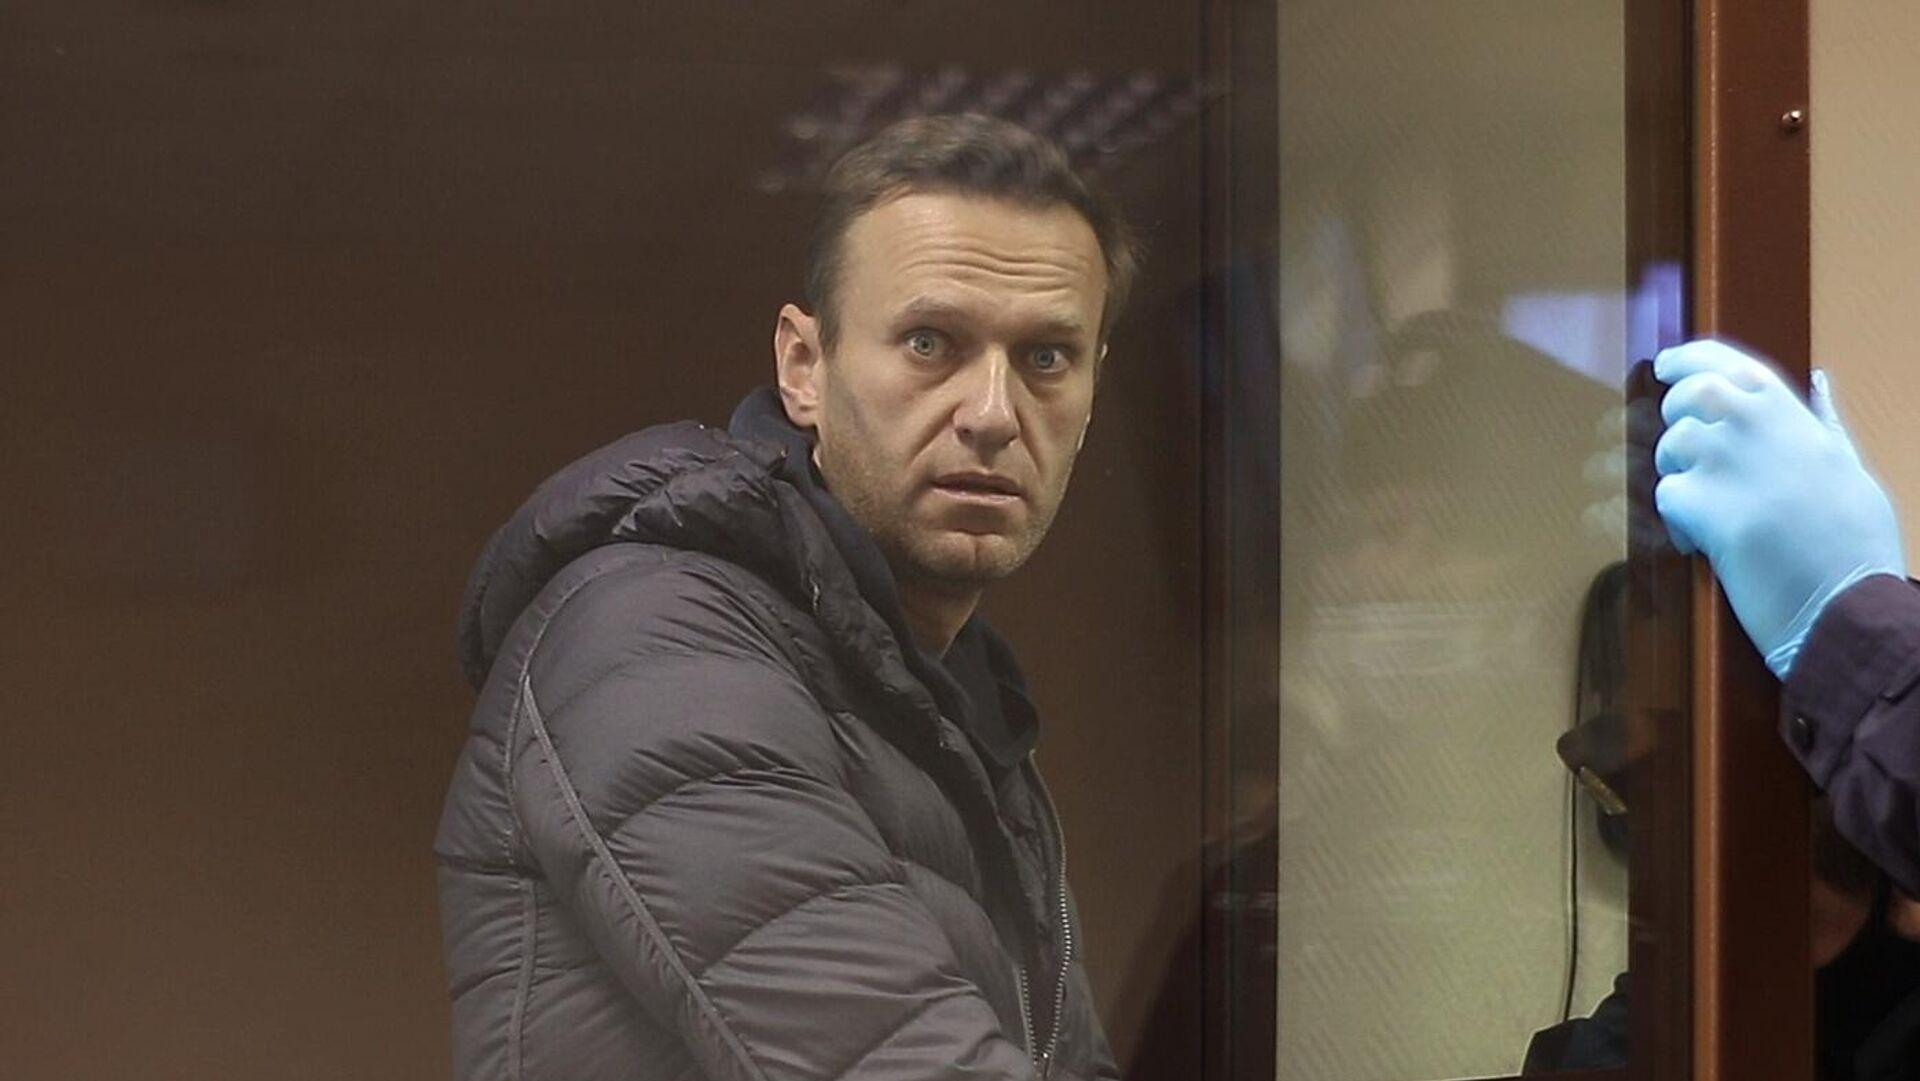 Алексей Навальный в зале Бабушкинского районного суда, где идет заседание по делу о клевете в отношении ветерана Великой Отечественной войны Игната Артеменко - РИА Новости, 1920, 09.02.2021